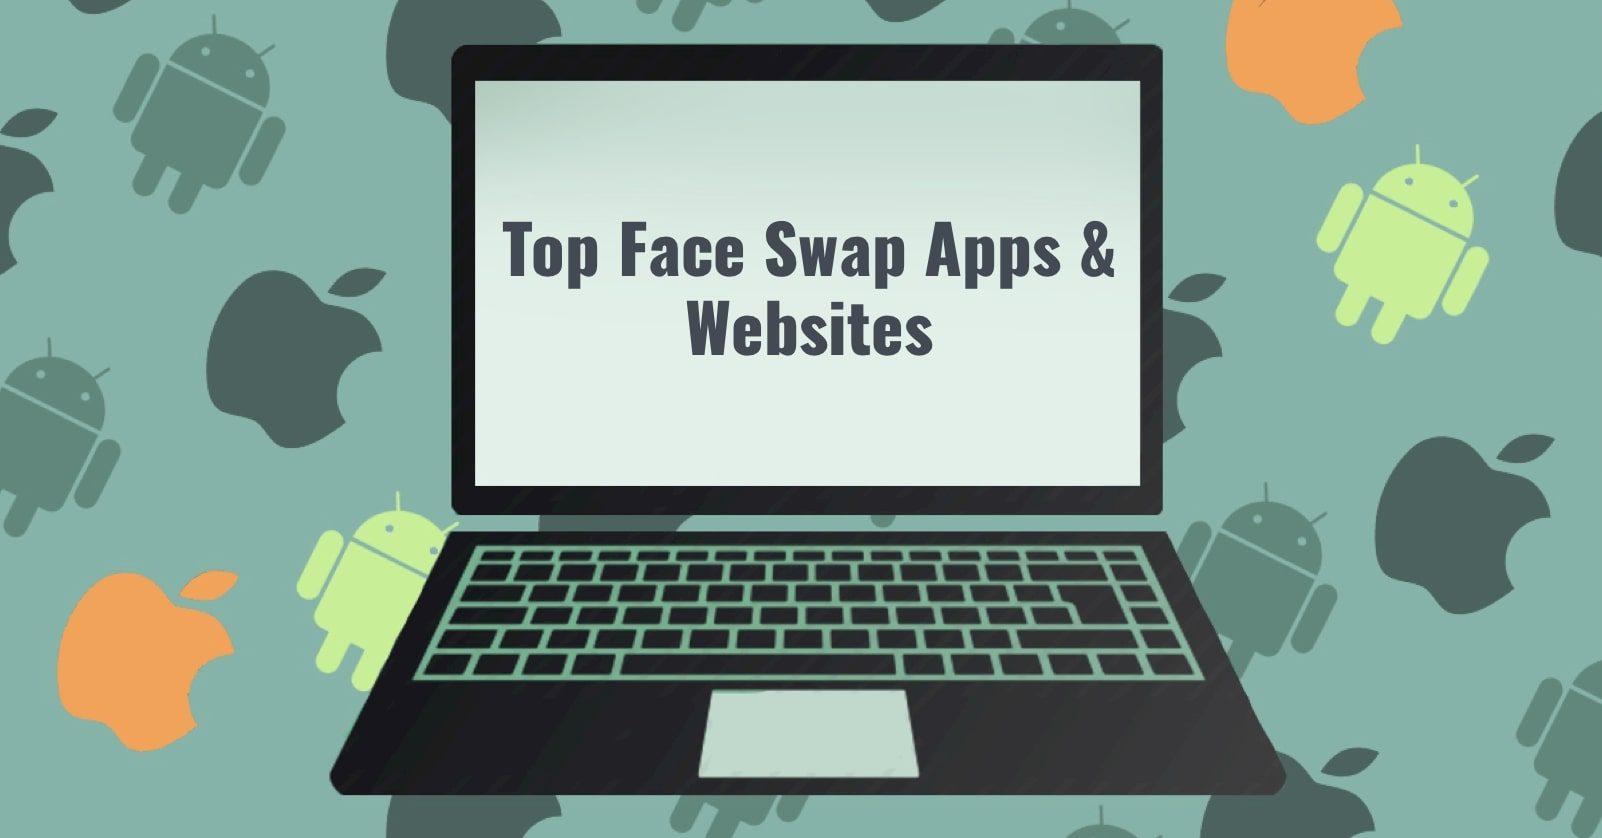 Top 10 Face Swap Apps & Websites